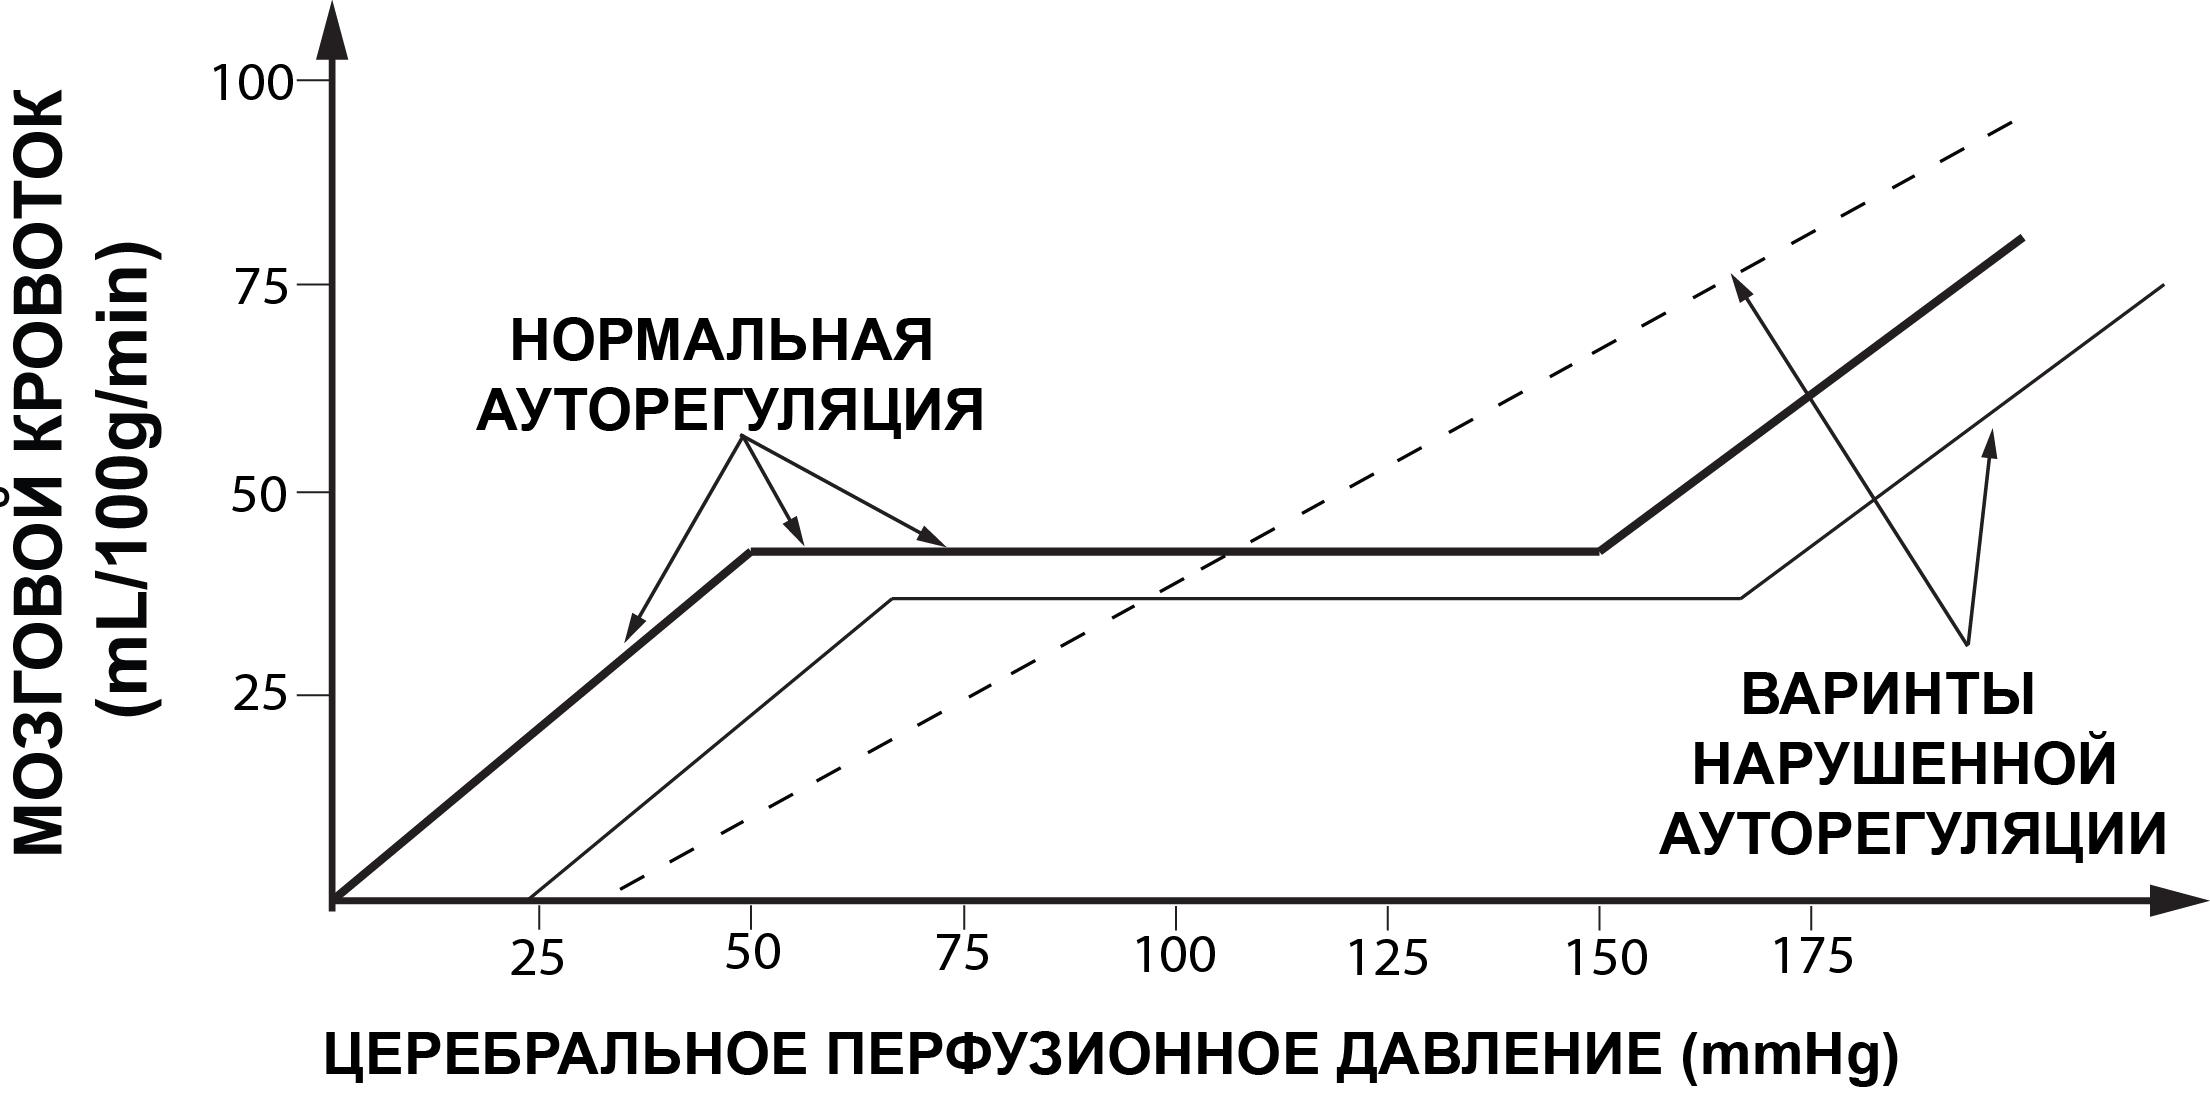 Рис. 1  Варианты нормальной и нарушенной ауторегуляции мозговых сосудов